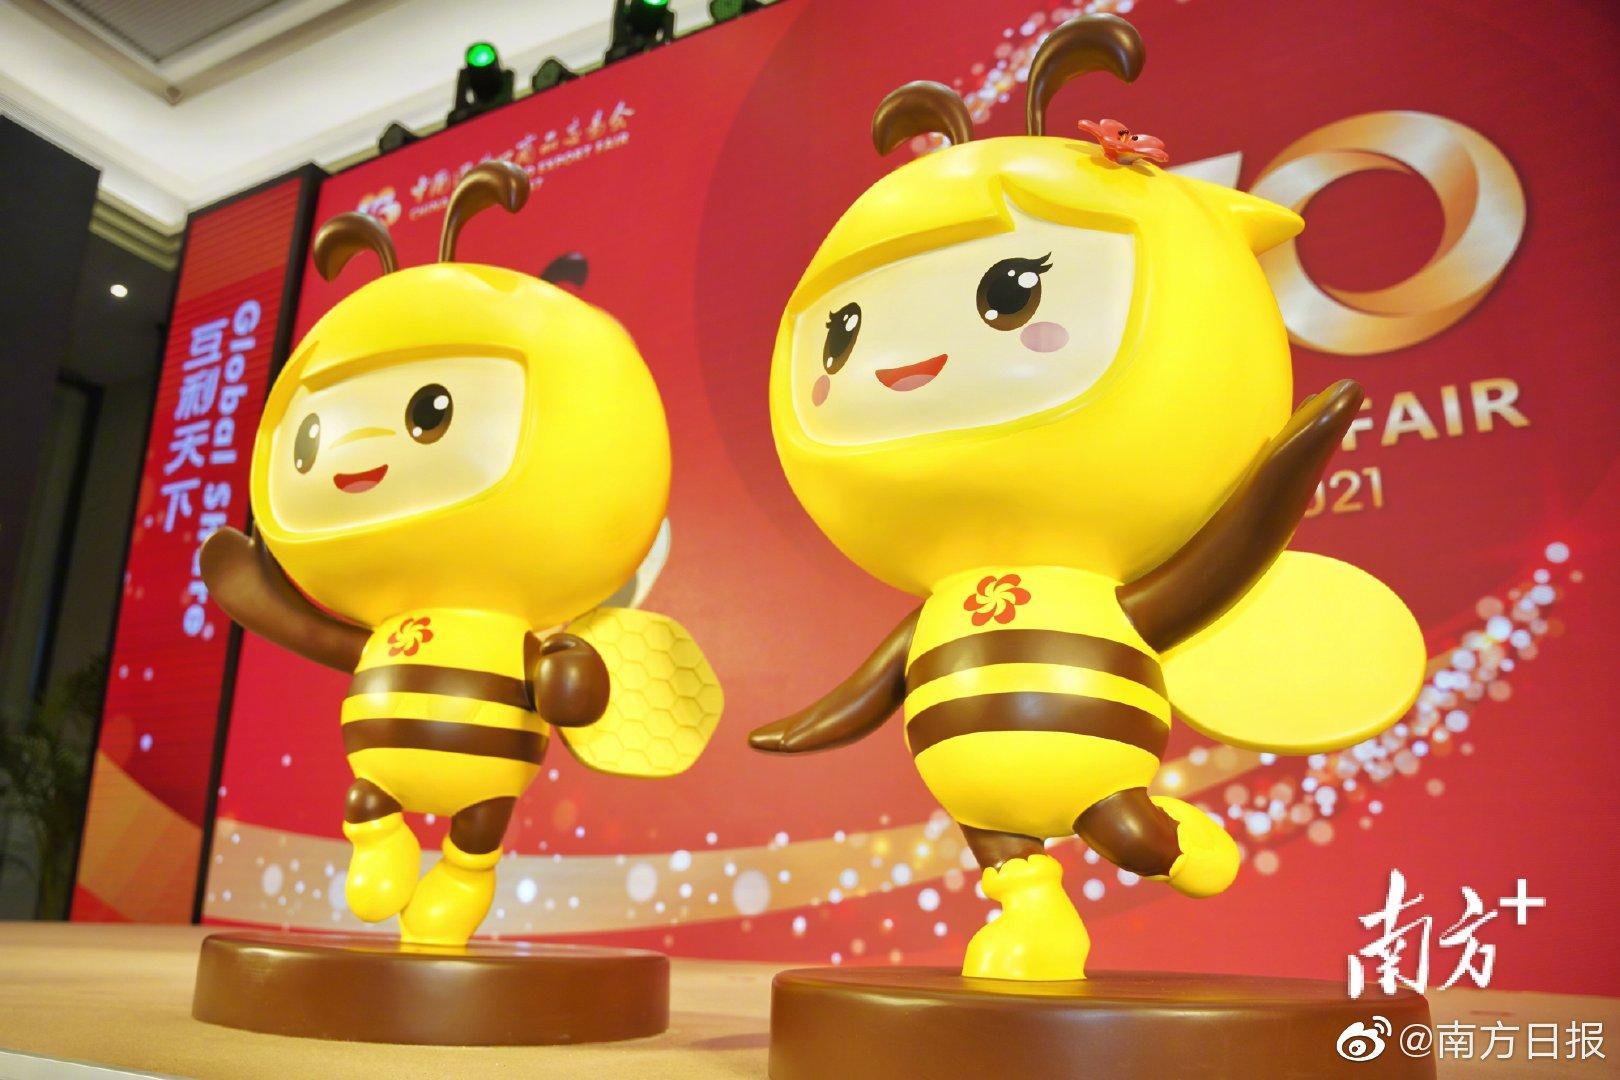 """第130届中国进出口商品交易会9日正式发布蜜蜂""""好宝Bee""""和""""好妮Honey""""作为吉祥物。 微博@南方日报 图"""